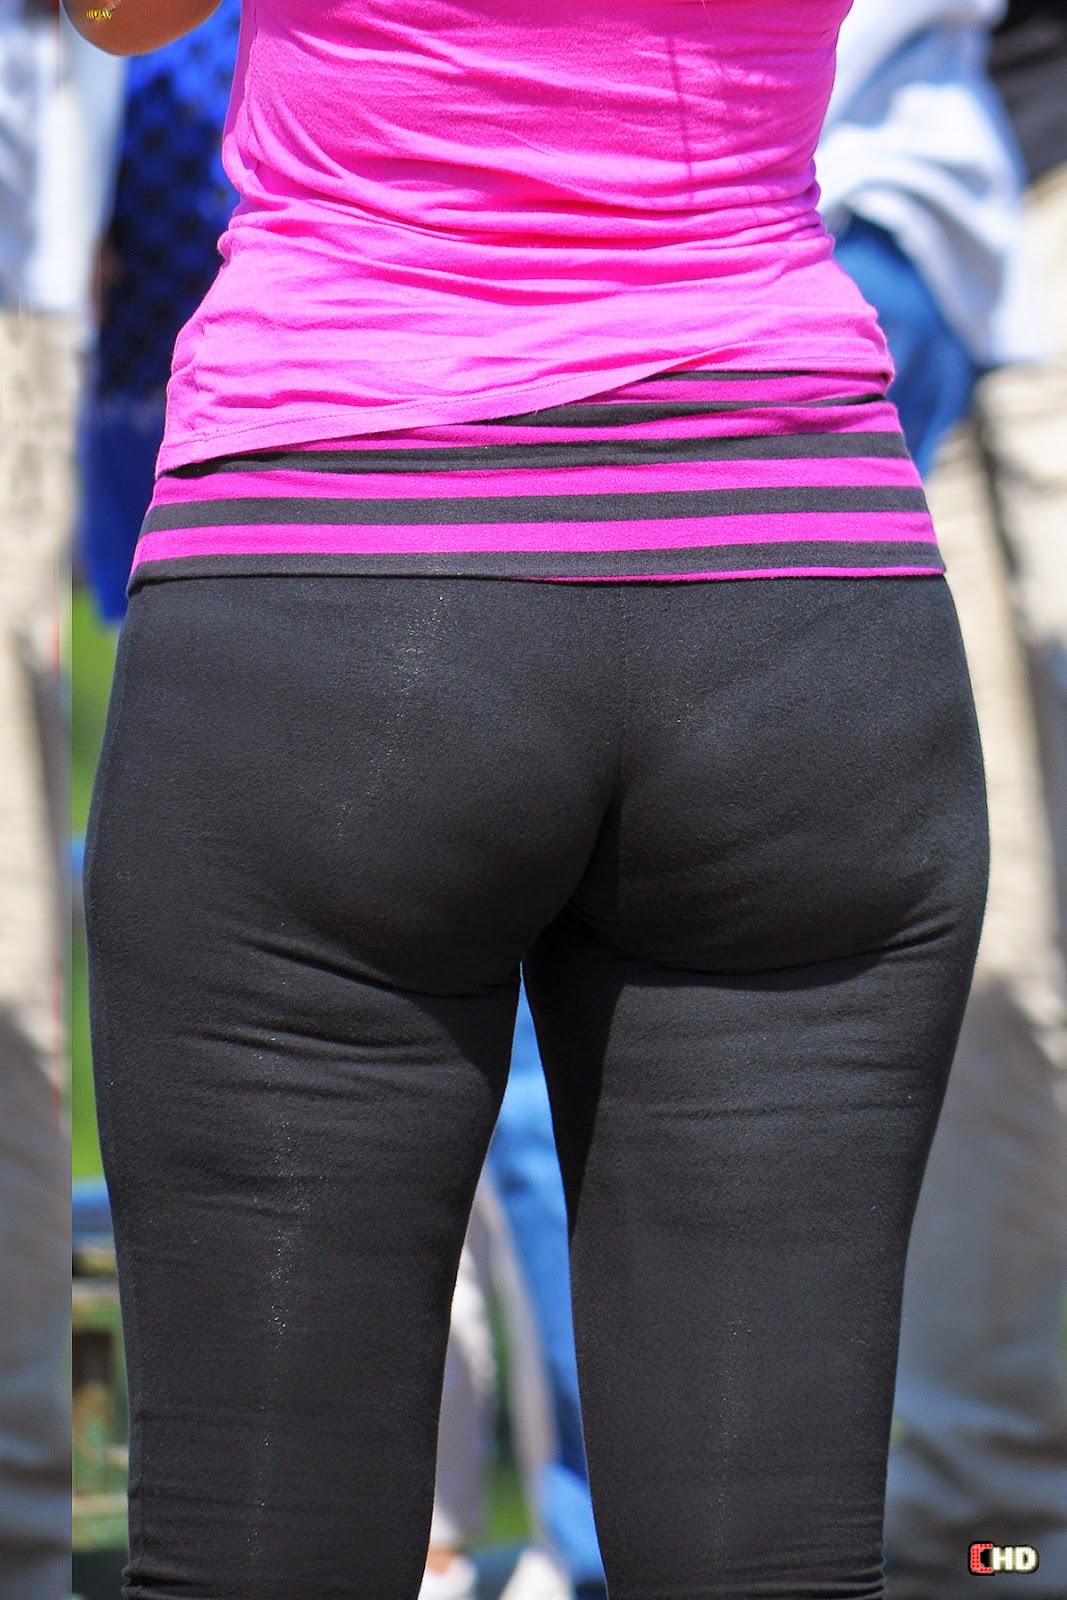 bonita sexy mujer calzas